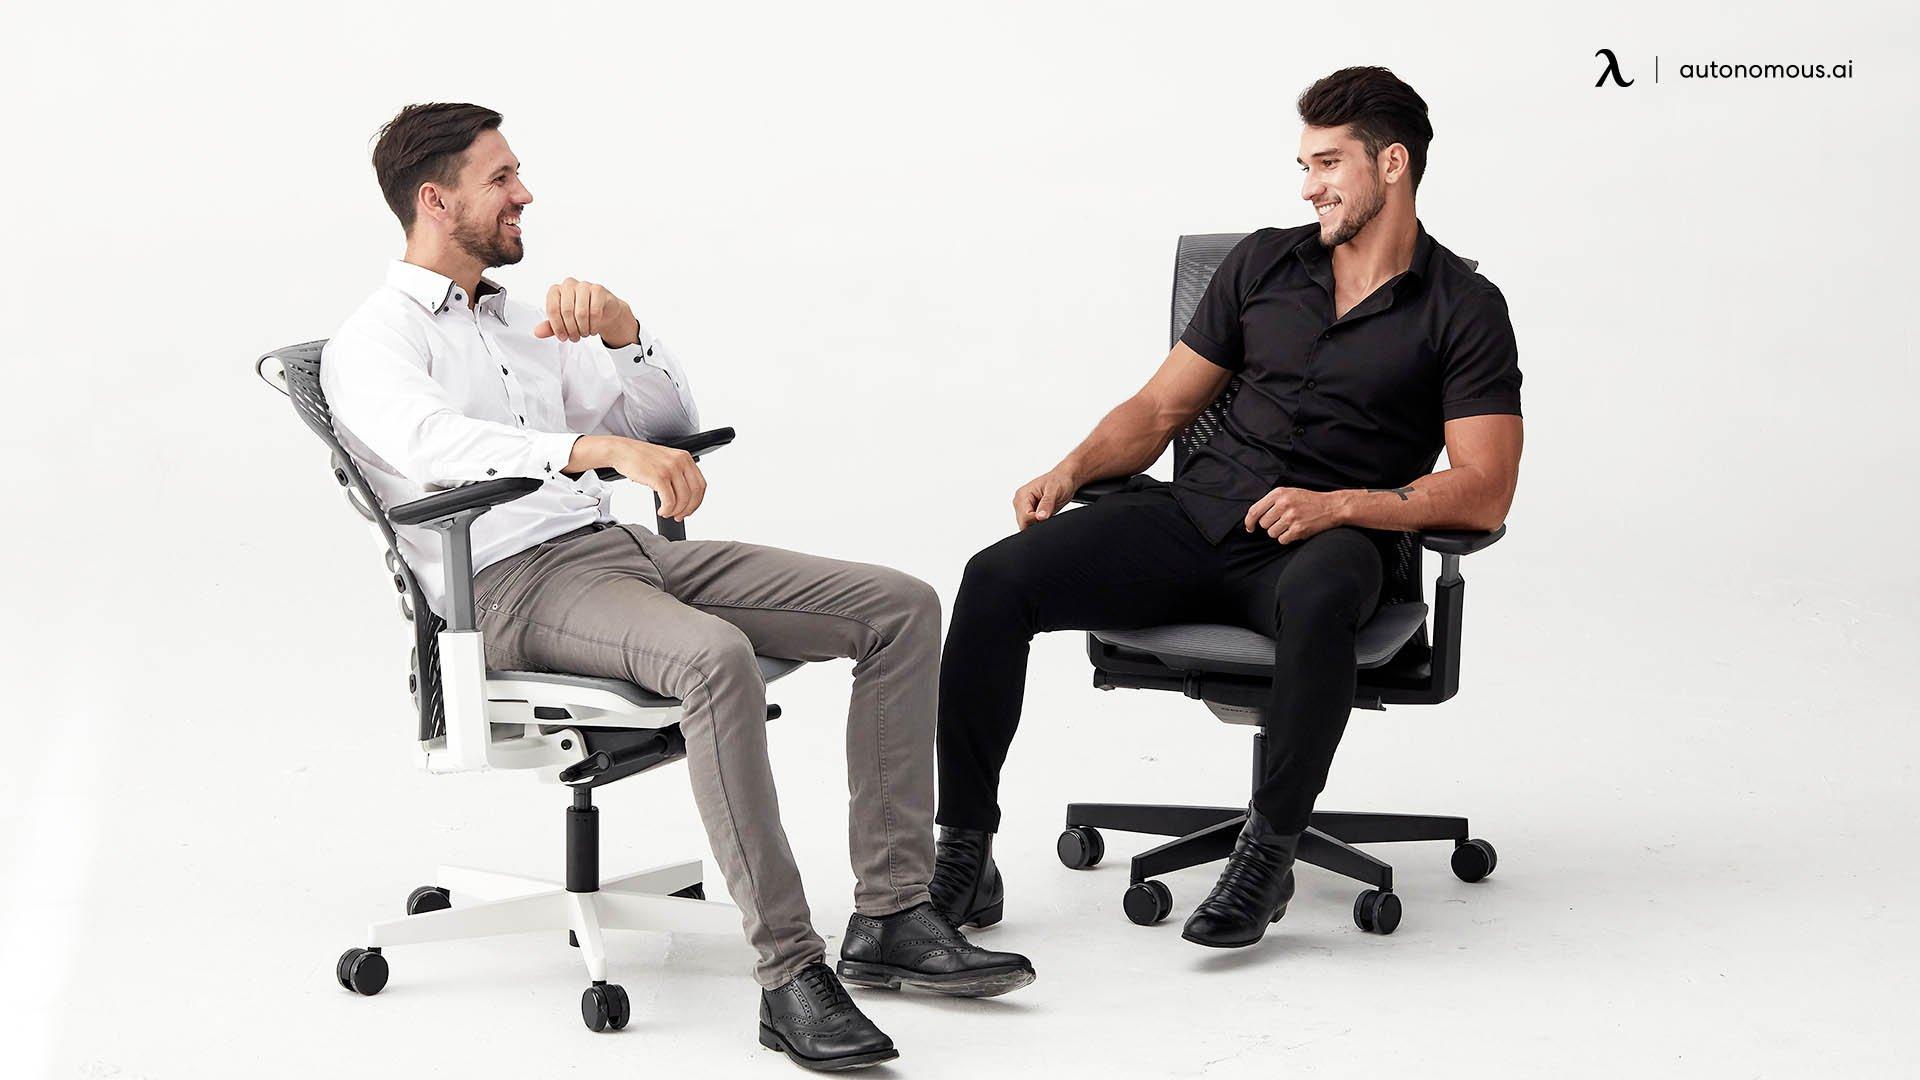 The adjustable armrest